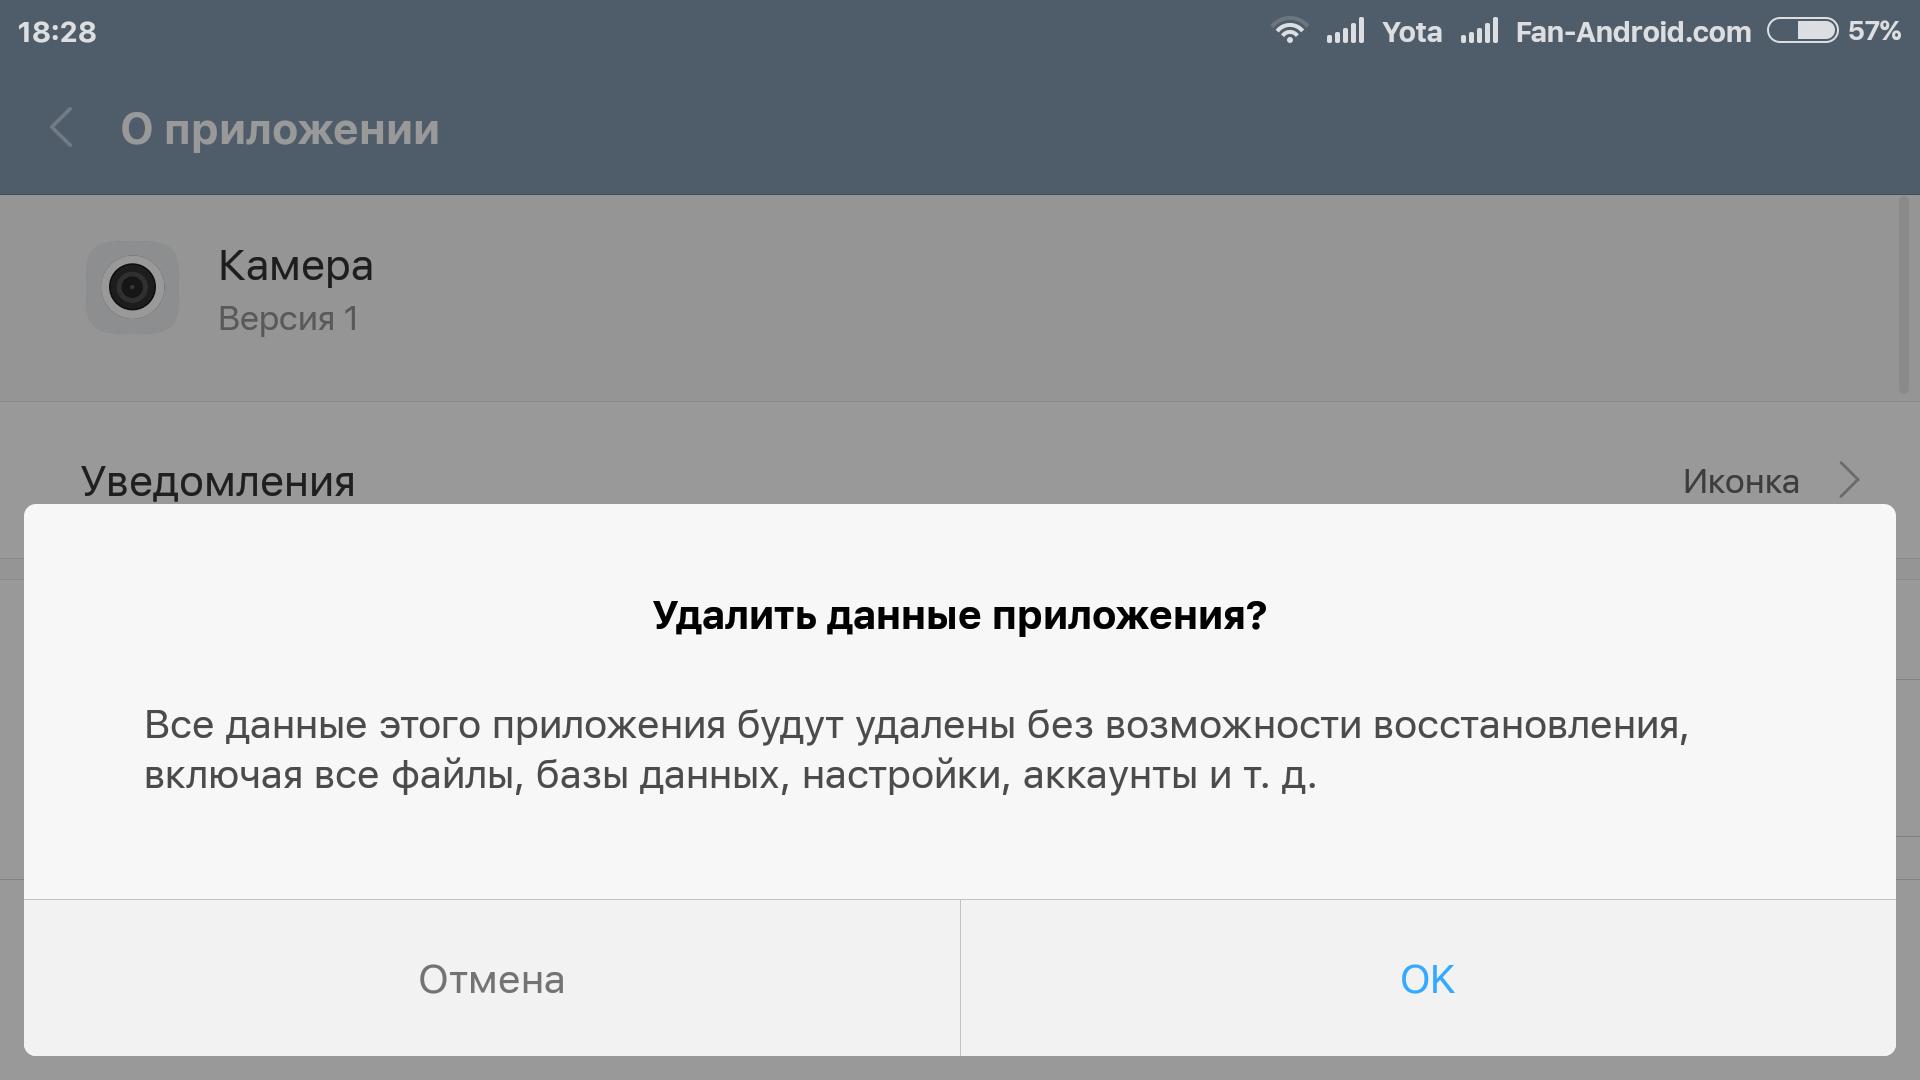 Ошибка приложения к сожалению приложение поиск google остановилось lg - b112f